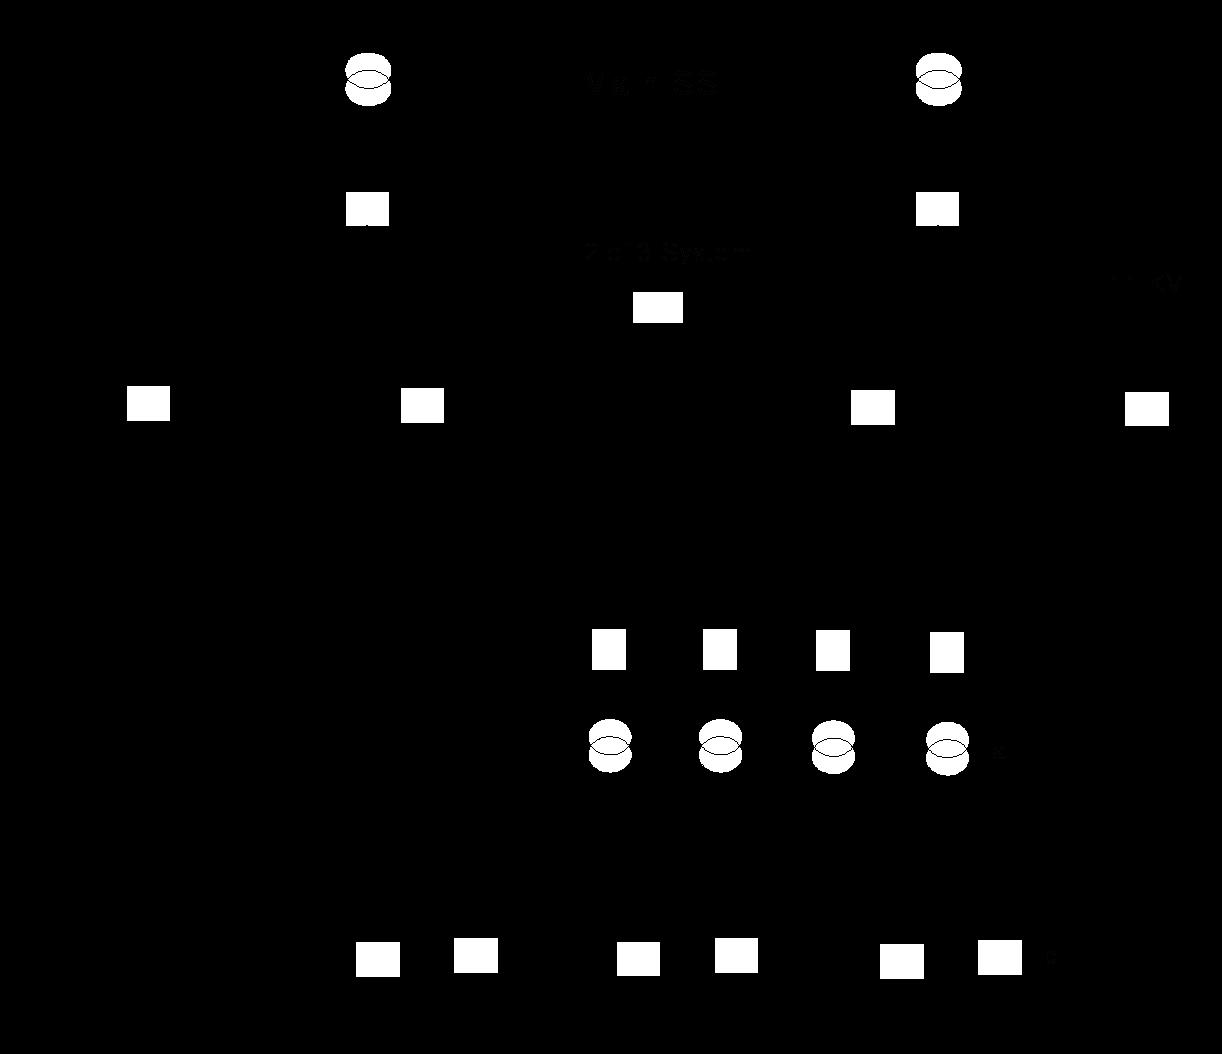 مخطط شبكة توزيع بمغذي رئيسي واحد